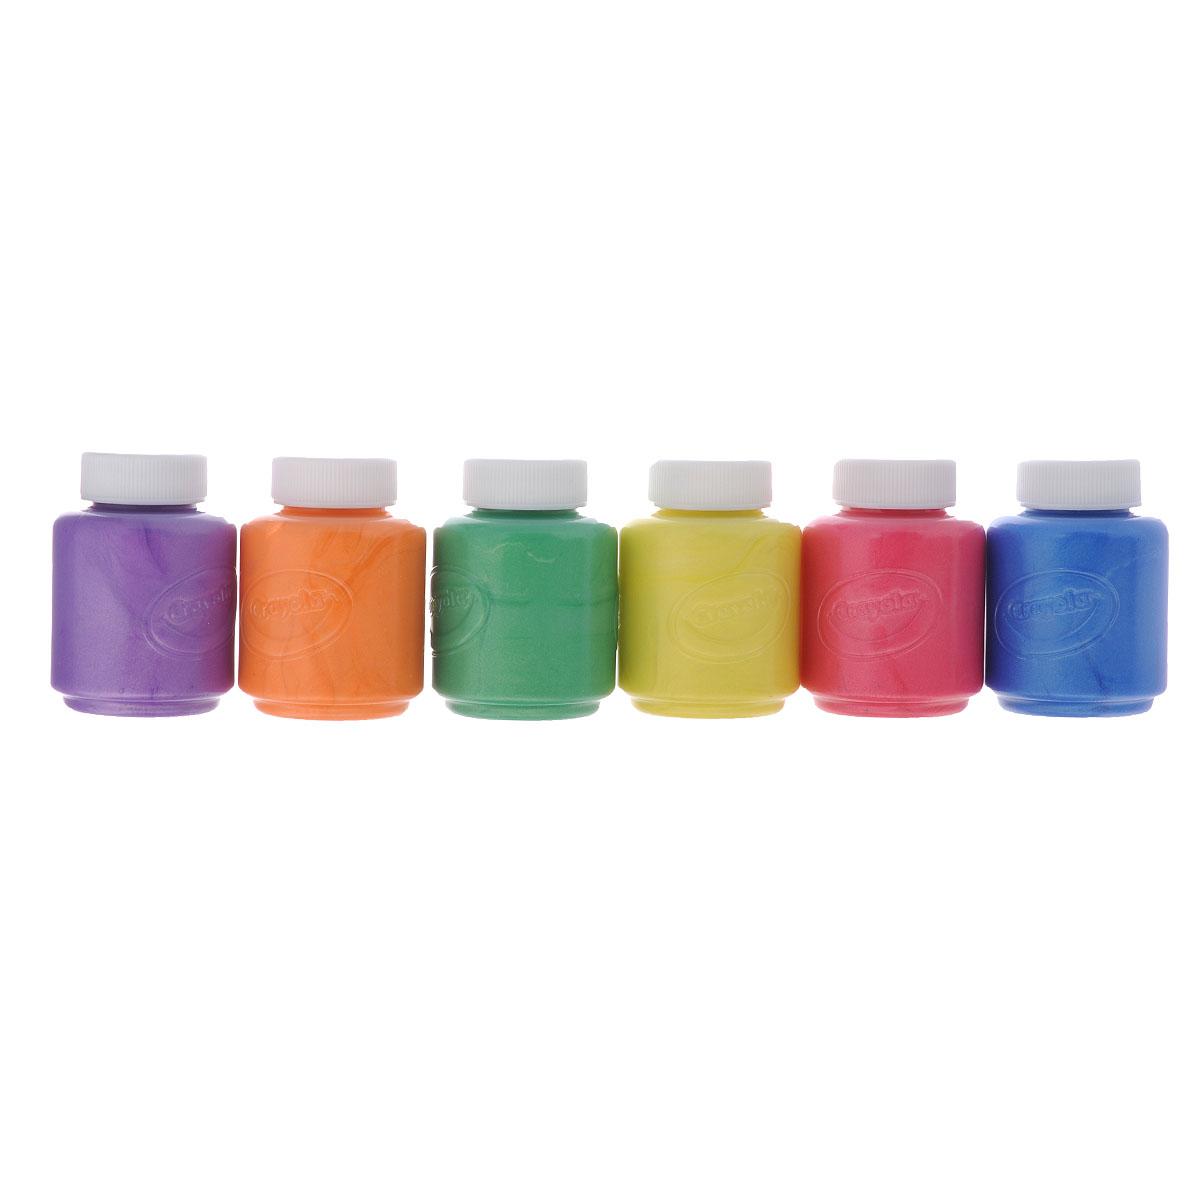 Краски пальчиковые Crayola, с металлическим эффектом, 6 цветов54-5000Пальчиковые краски Crayola порадуют маленького художника и помогут ему раскрыть свой талант. Ими можно рисовать не только на бумаге, но на картоне и стекле без каких-либо дополнительных приспособлений.В наборе краски с металлическим эффектом в баночках по 59 мл 6 цветов: фиолетового, желтого, зеленого, розового, синего, оранжевого.Краски Crayola с металлическим эффектом помогут вам декорировать любые плакаты, постеры, сделать оригинальными картинки в раскрасках, добавить изюминку в ваши рисунки.Краска каждого цвета хранится в отдельной пластиковой баночке с плотно закрывающейся крышкой.Эти нетоксичные краски полностью безопасны для детского здоровья. Они легко смываются не только с кожи, но и с одежды - когда ваш юный художник закончит свой творческий процесс, вам будет легко привести в порядок не только его самого, но и его одежду и рабочее место, куда могли попасть капли краски.